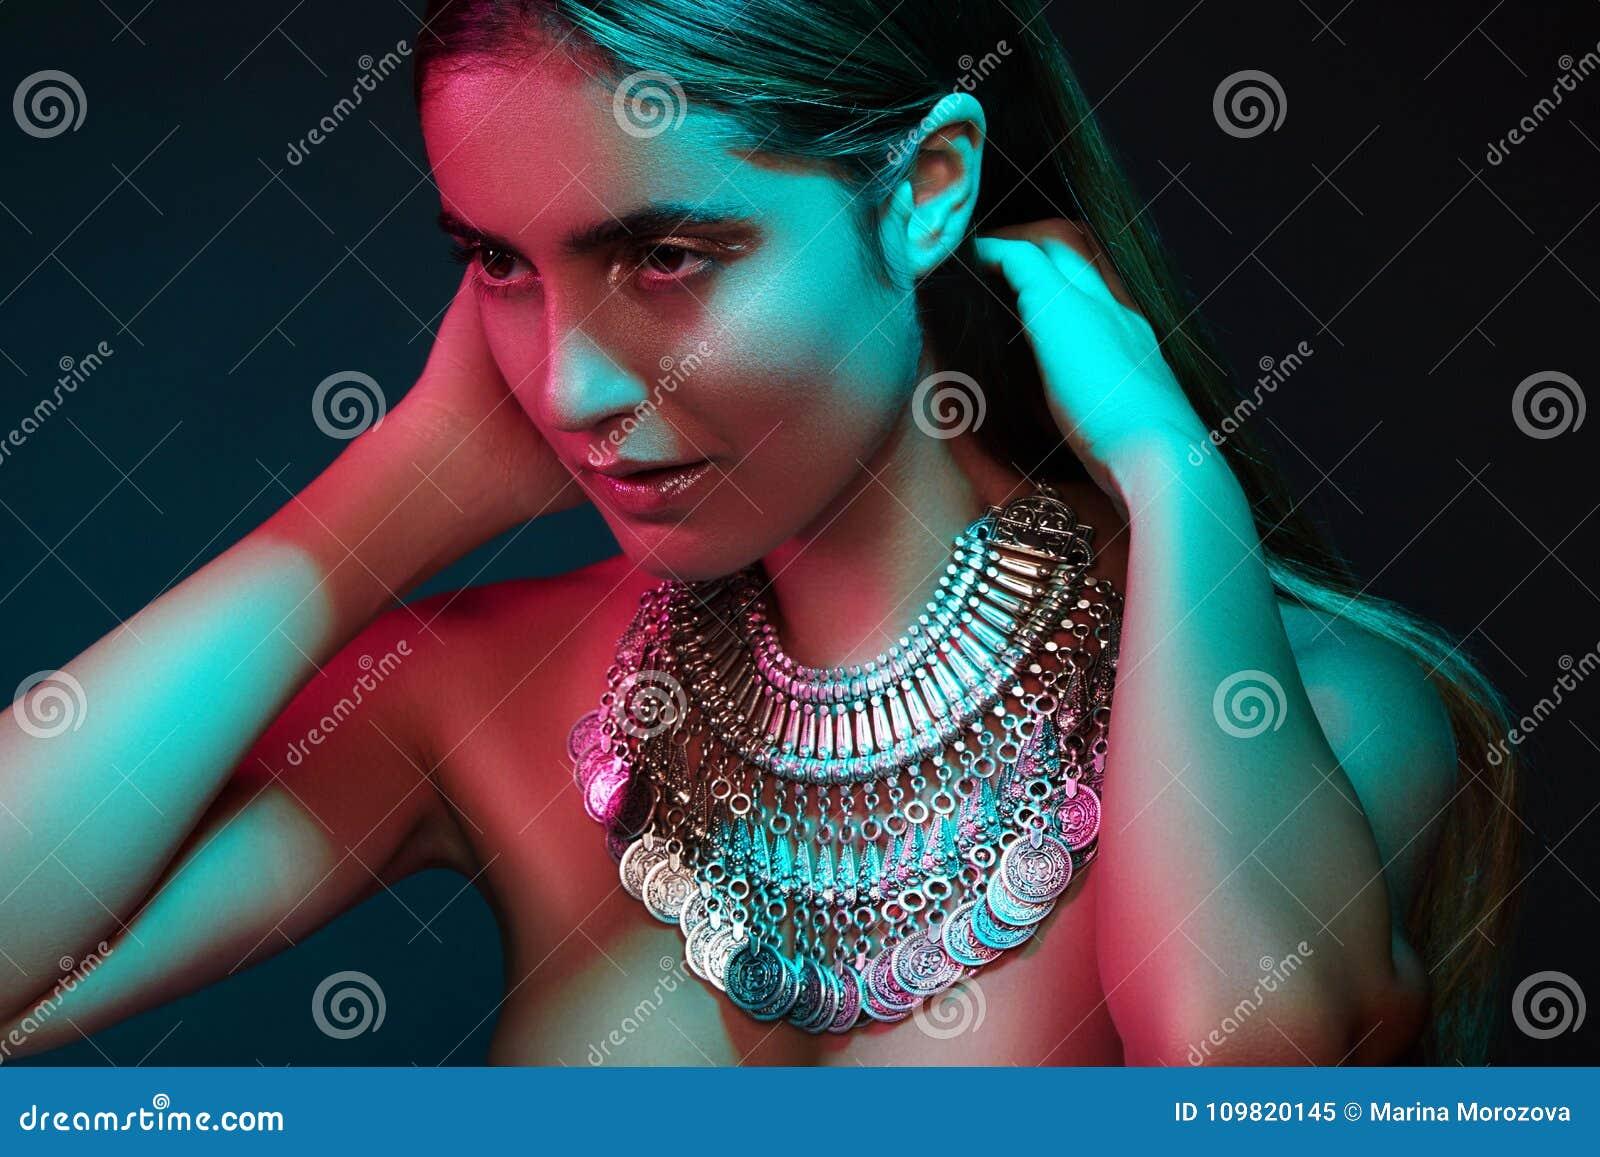 Mooie vrouw in een halsband Model in juwelen van zilver Mooie Indische juwelen Verstralers